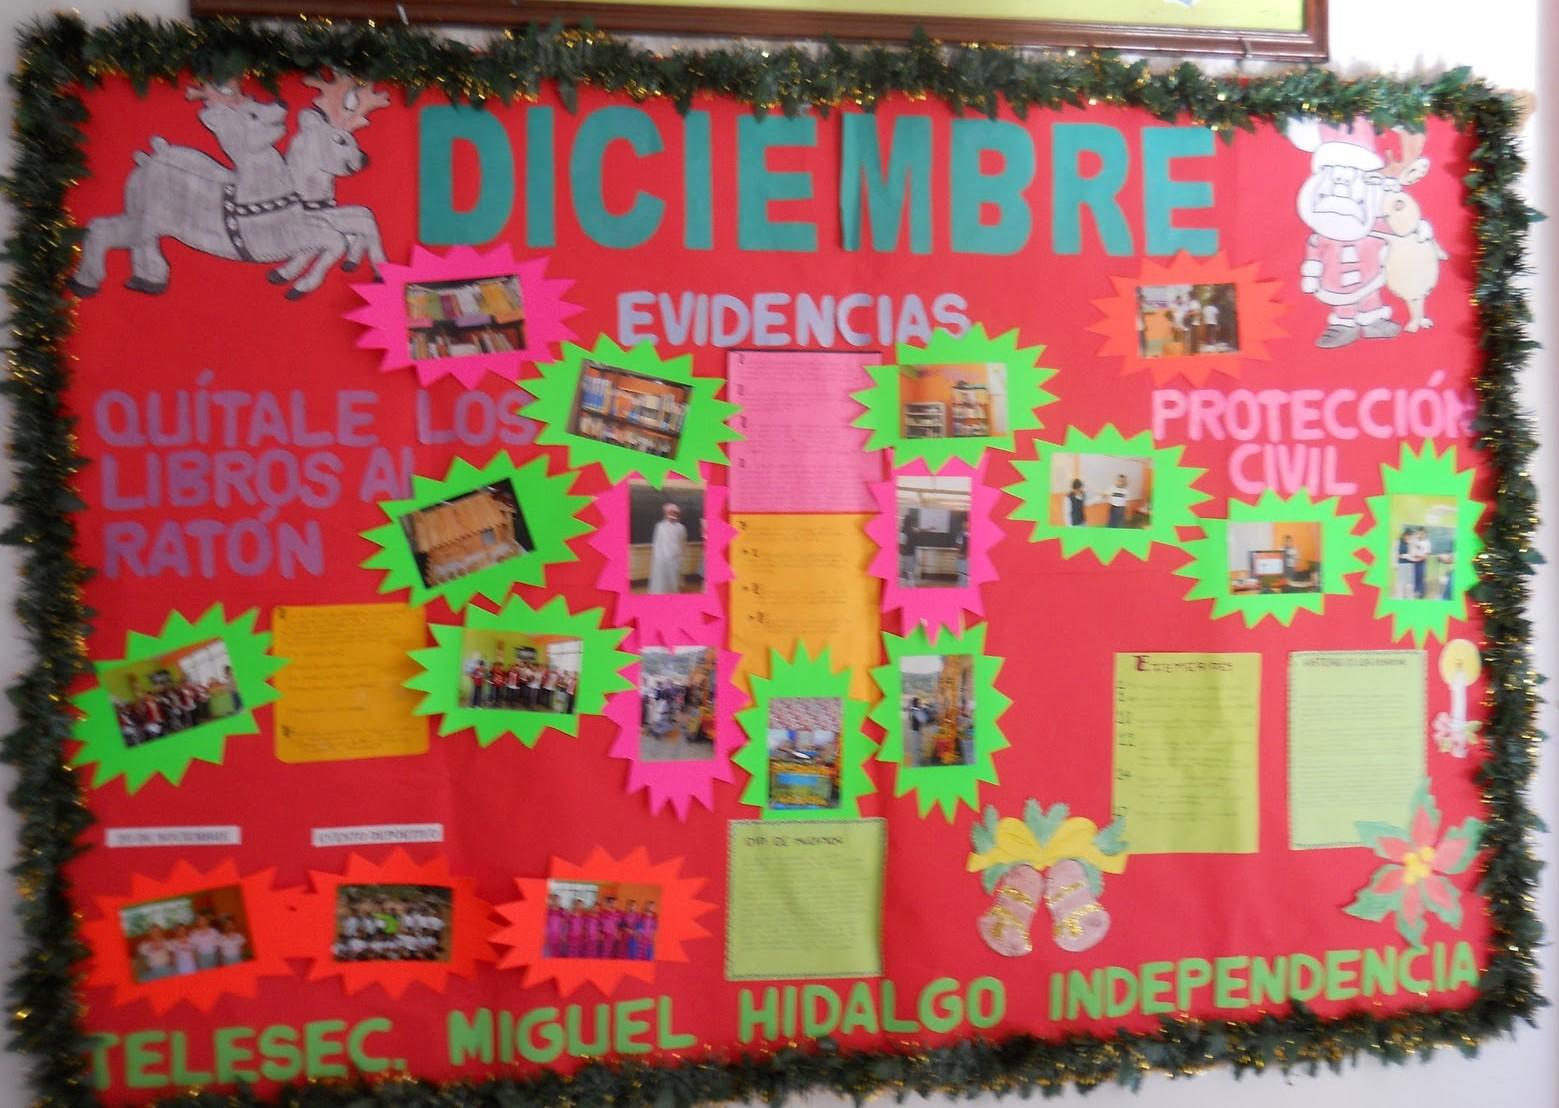 Periodico mural diciembre 6 imagenes educativas for Deportes para un periodico mural